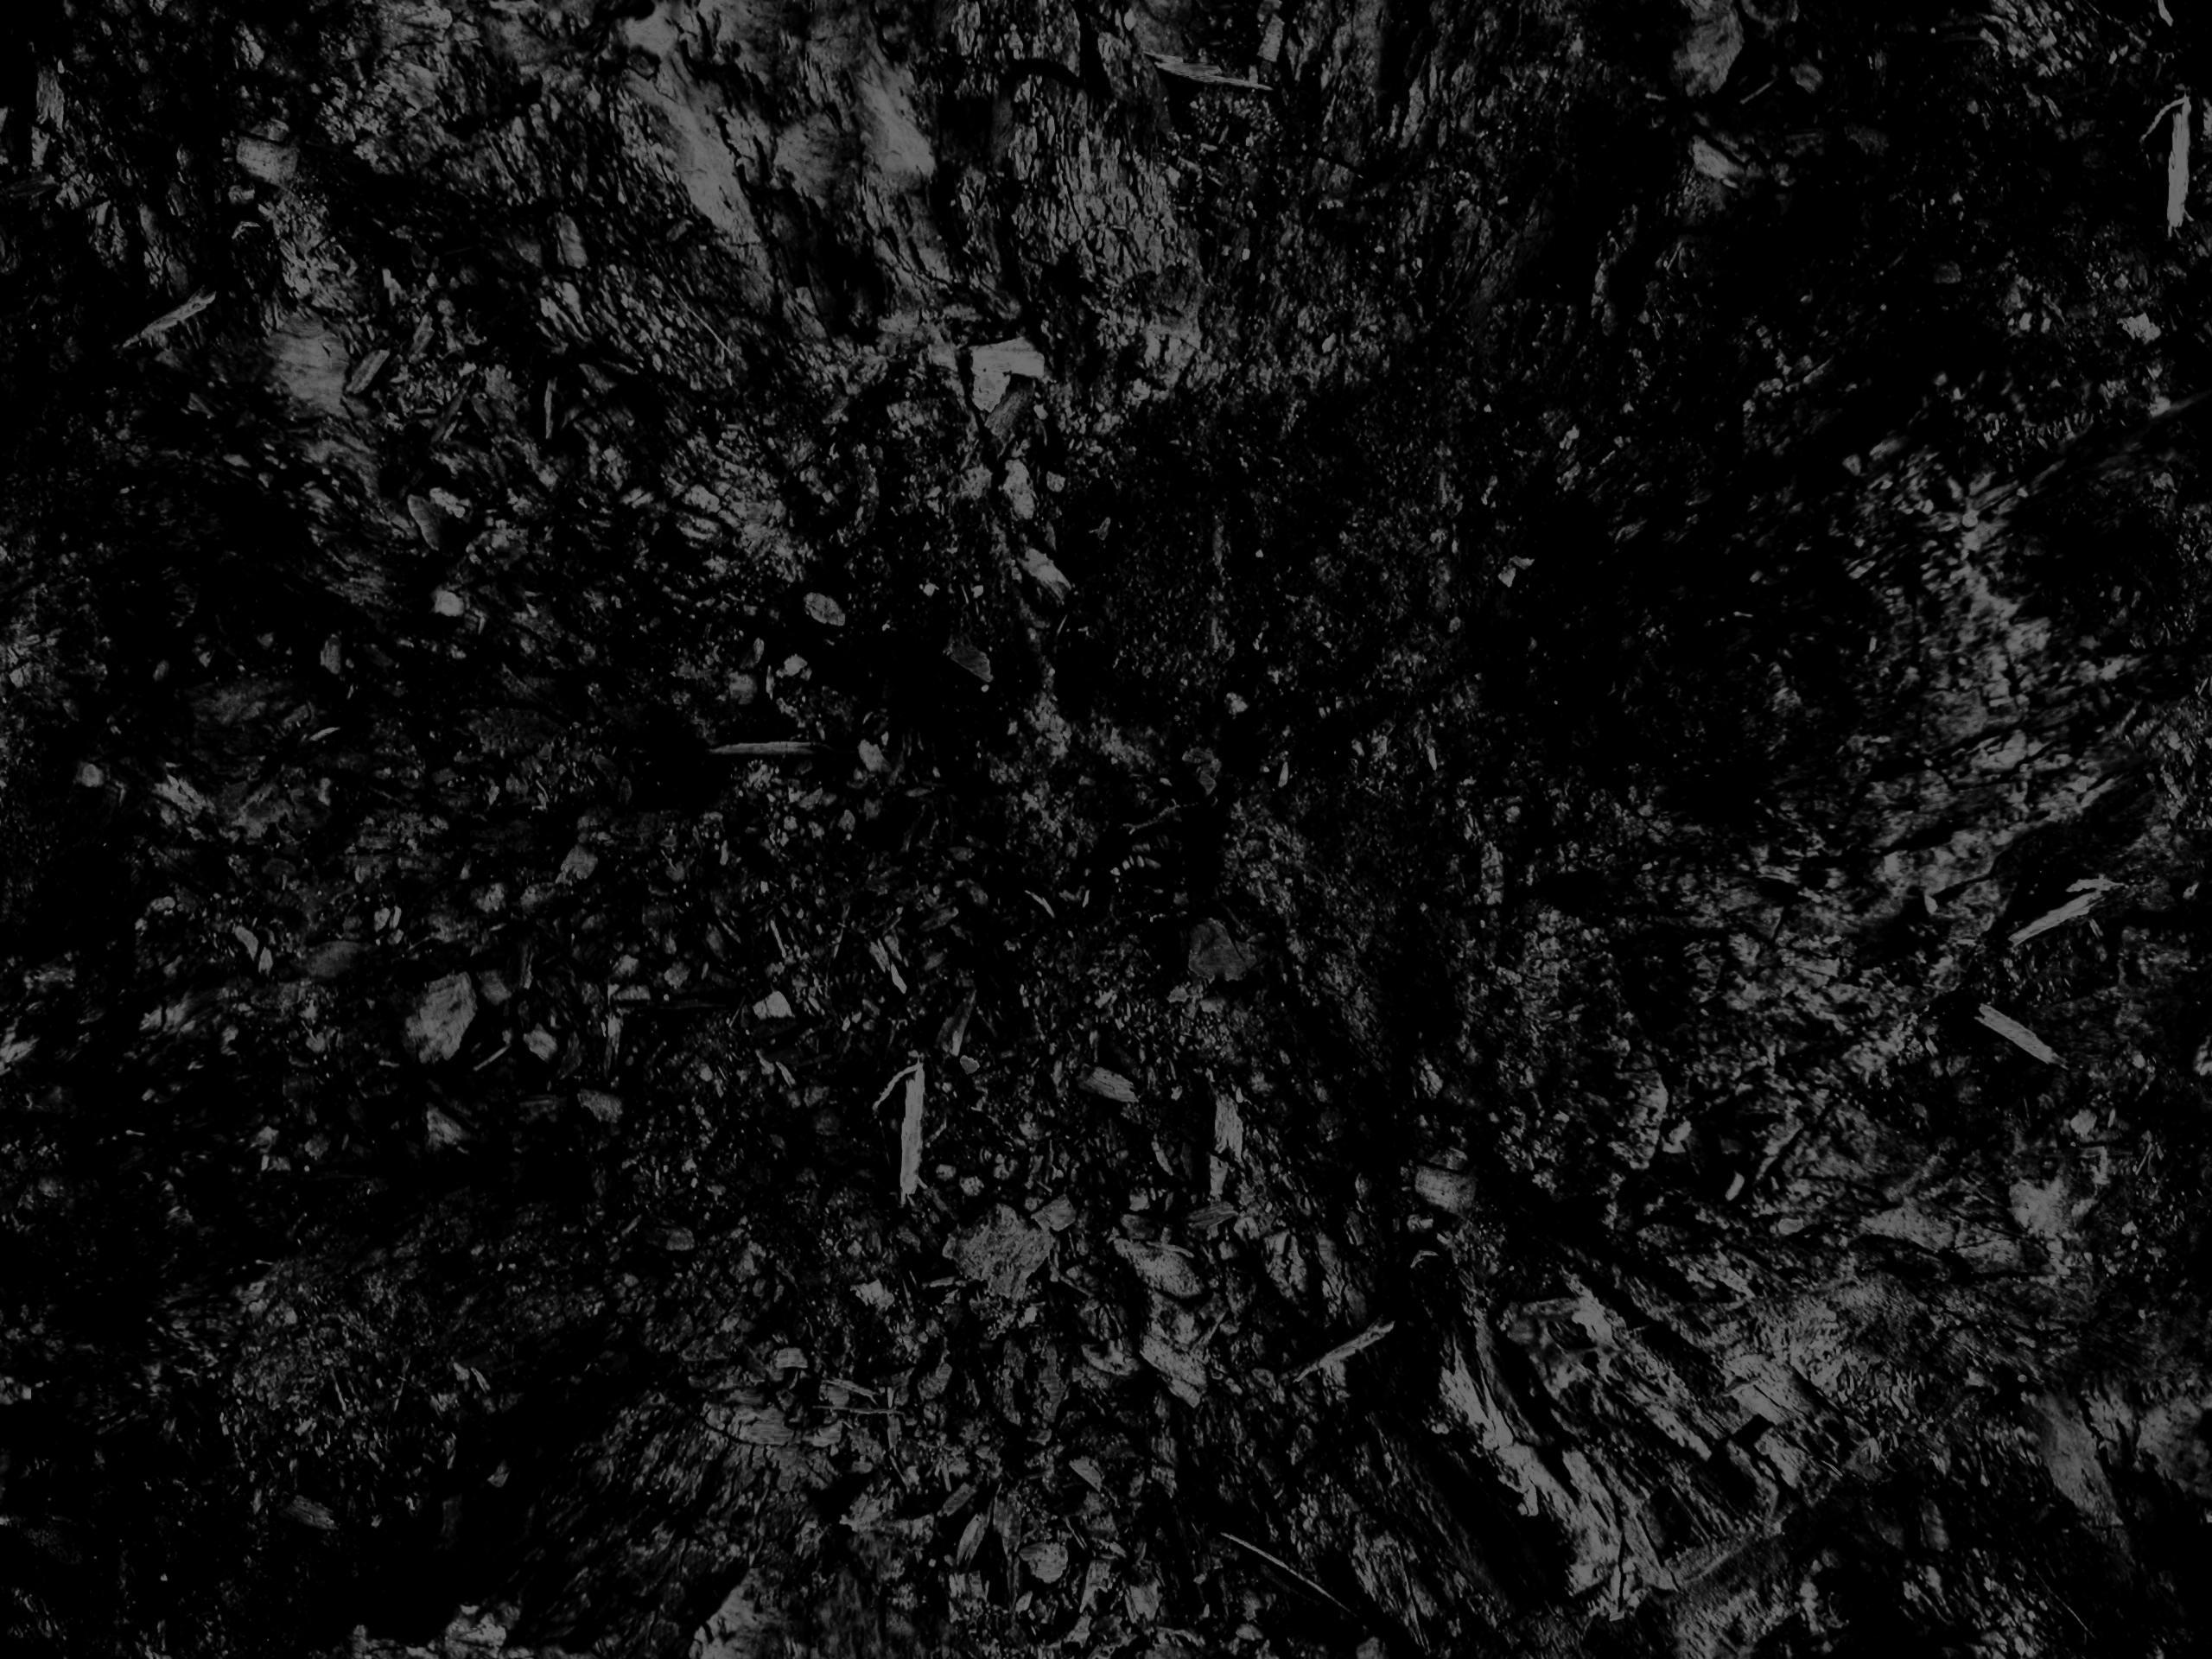 51289 Hintergrundbild herunterladen Abstrakt, Dunkelheit, Schwarzer Hintergrund, Schwarz Und Weiß - Bildschirmschoner und Bilder kostenlos